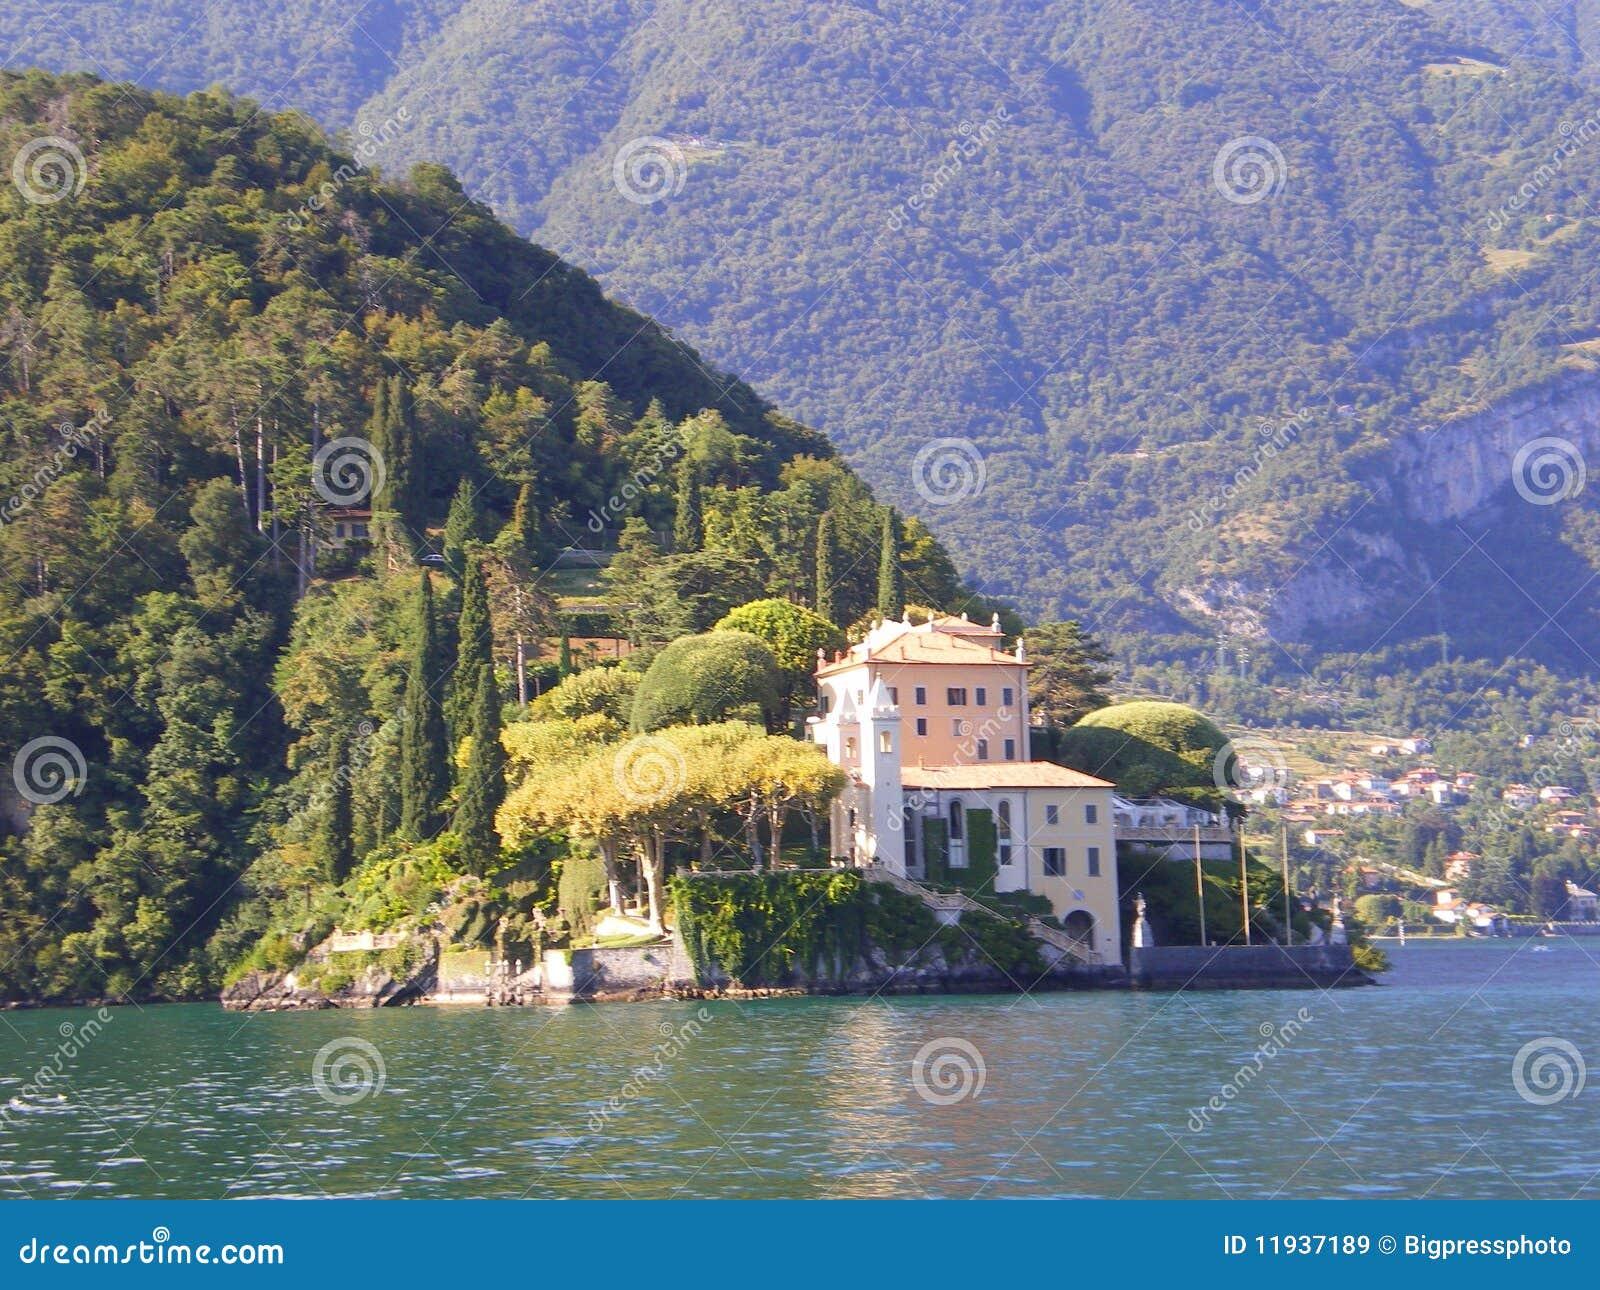 Lake Como Villa Wedding Venue Italy Royalty Free Stock Images